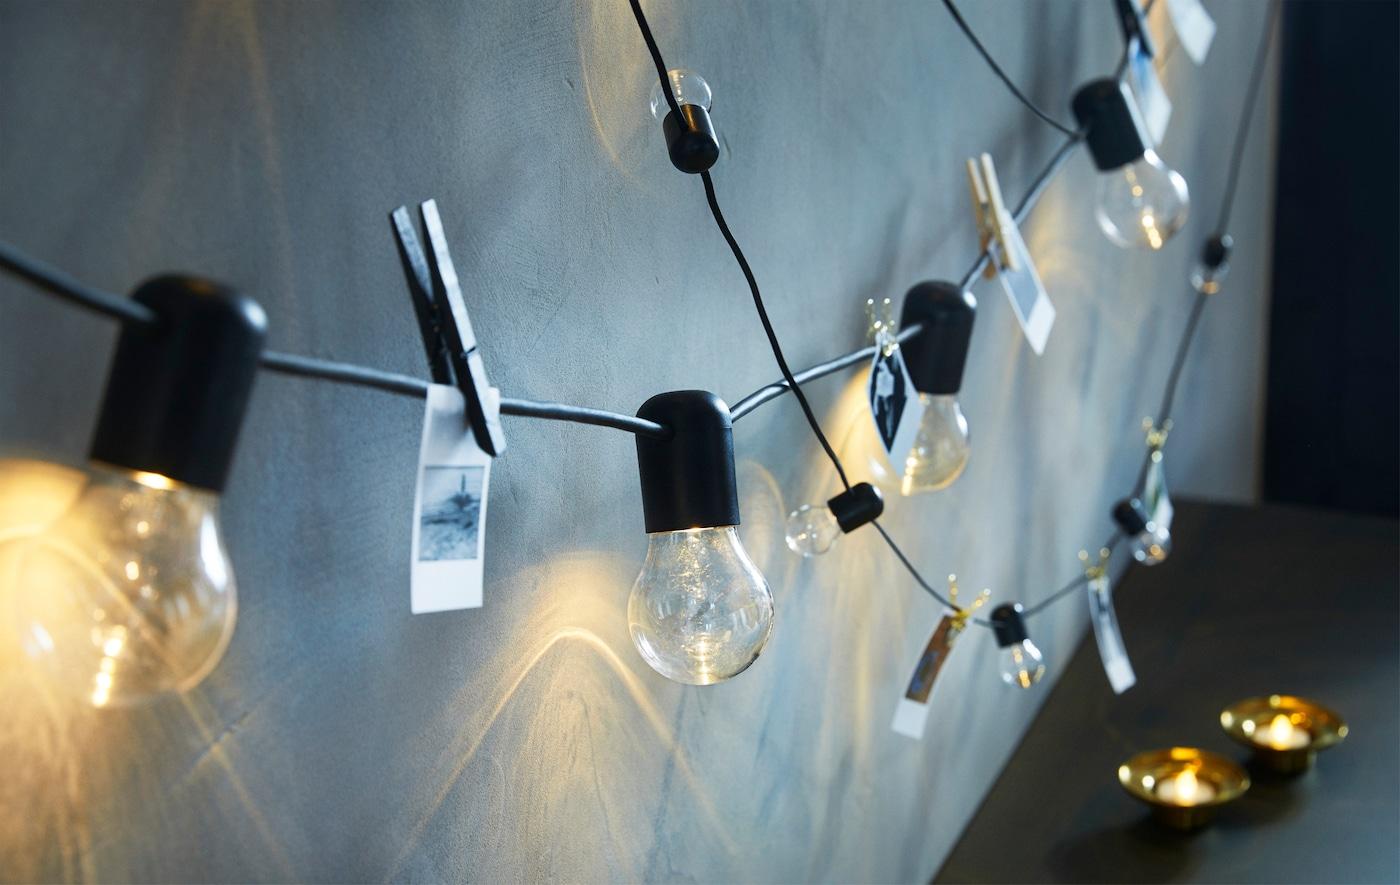 مع سلسلة الإضاءة SVARTRÅ ذات مصابيح LED وسلسلة إضاءة واحدة سوداء BLÖTSNÖ ذات مصابيح LED من ايكيا تستطيع إضفاء طابعك الشخصي على حائط بالكامل.